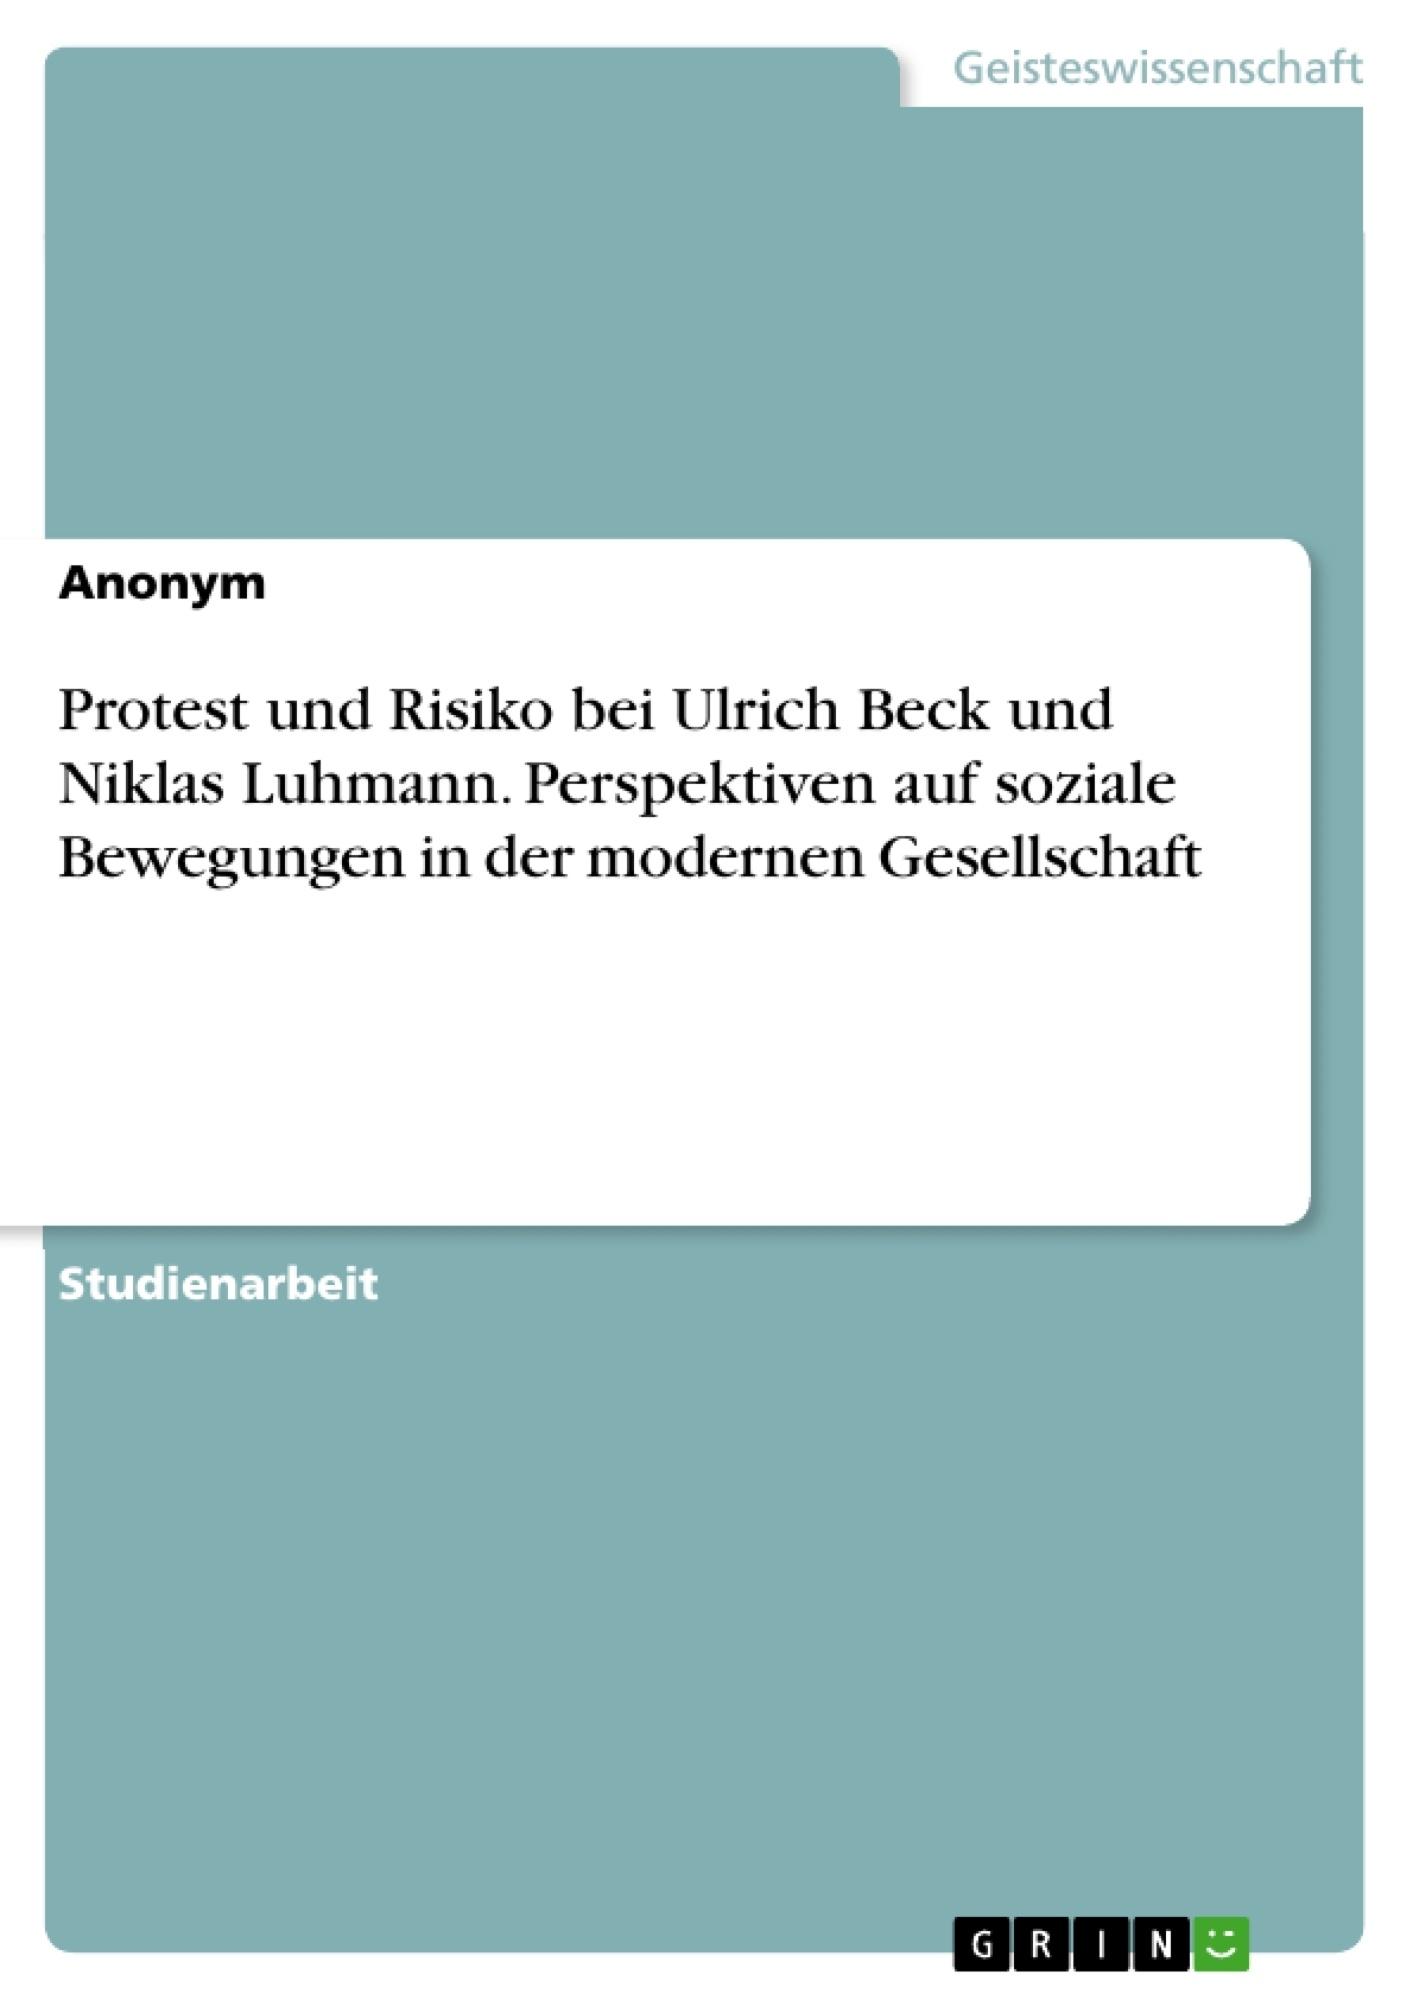 Titel: Protest und Risiko bei Ulrich Beck und Niklas Luhmann. Perspektiven auf soziale Bewegungen in der modernen Gesellschaft